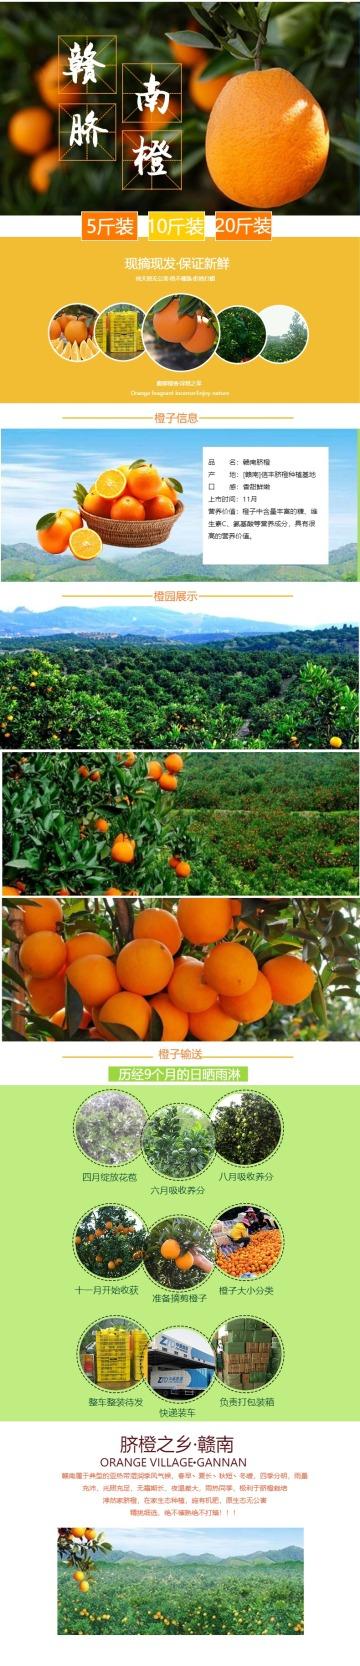 生鲜水果脐橙橙子实景促销电商详情页